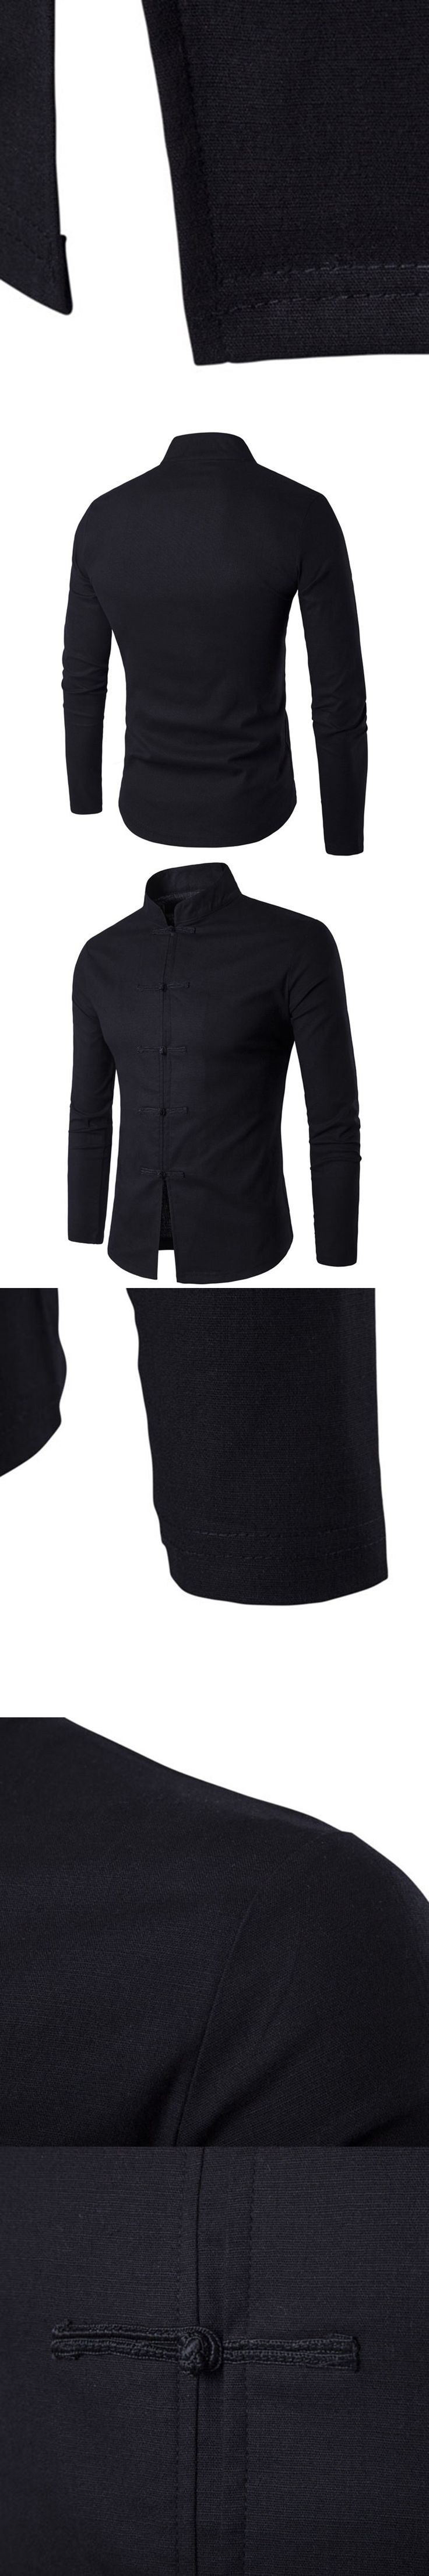 Solid Color Shirts 2017 Men Slim Fit Jackets Mandarin Collar Shirt Wedding Jacket Long Sleeve Kung Fu Shirt Chinese Tang tops